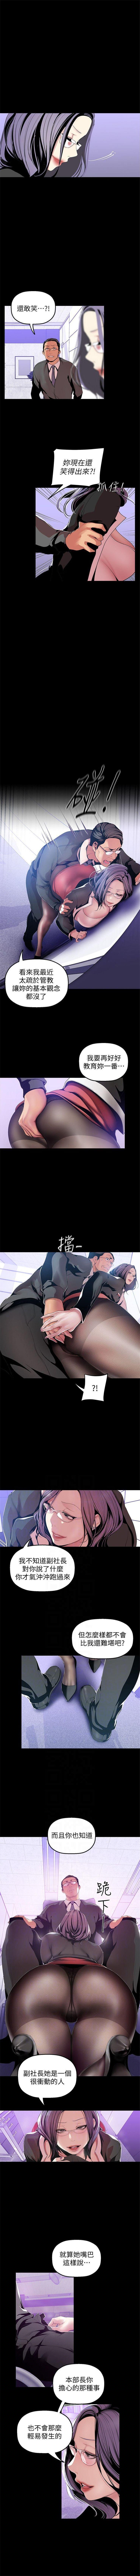 美麗新世界 1-85 官方中文(連載中) 340